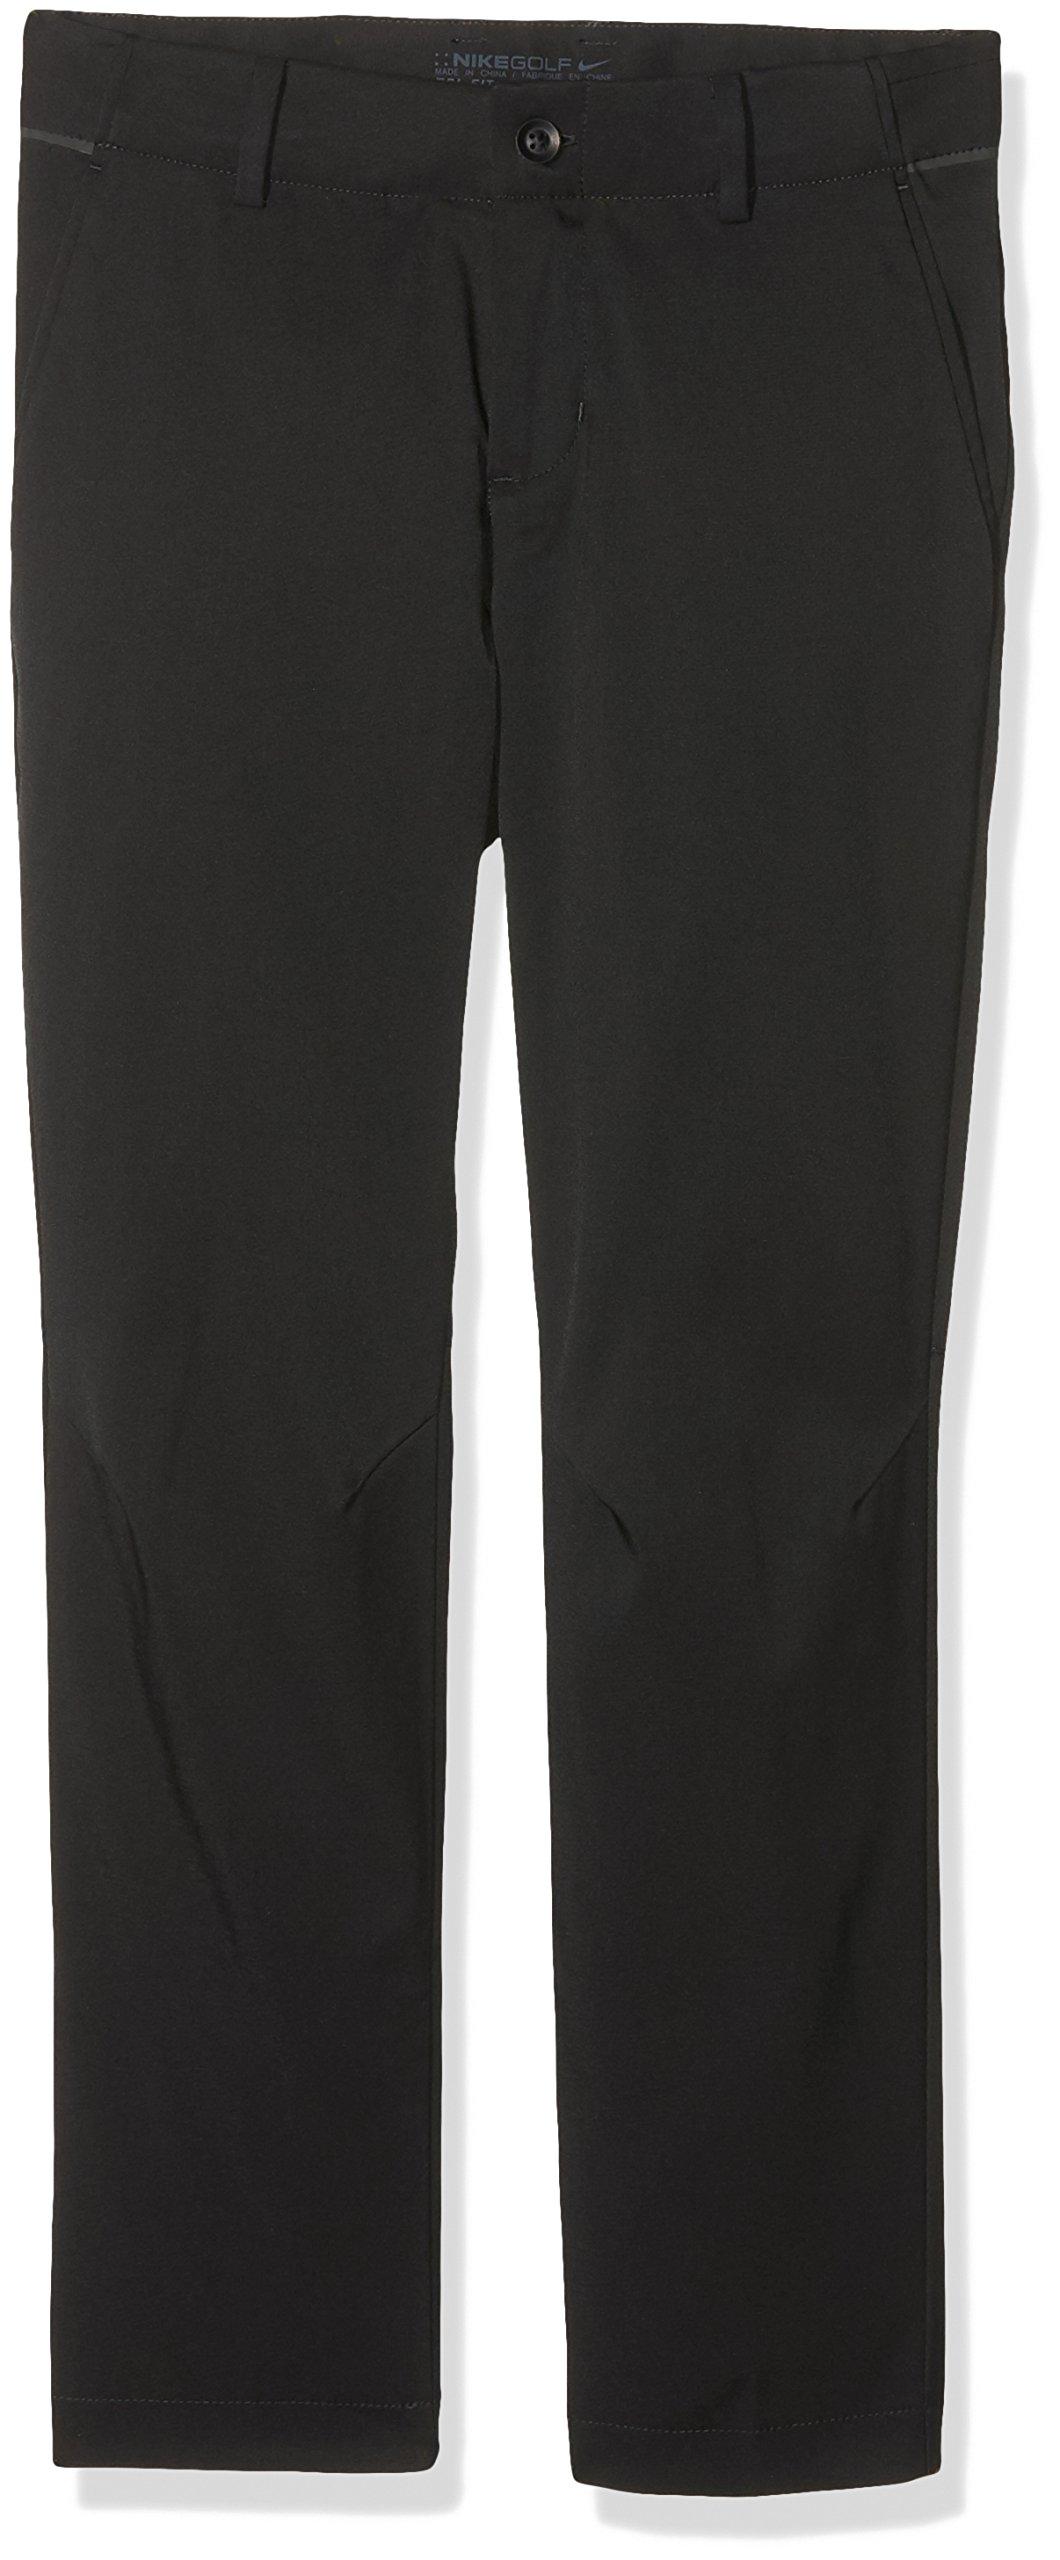 NIKE Boys Flex Golf Pants (Medium, Black)